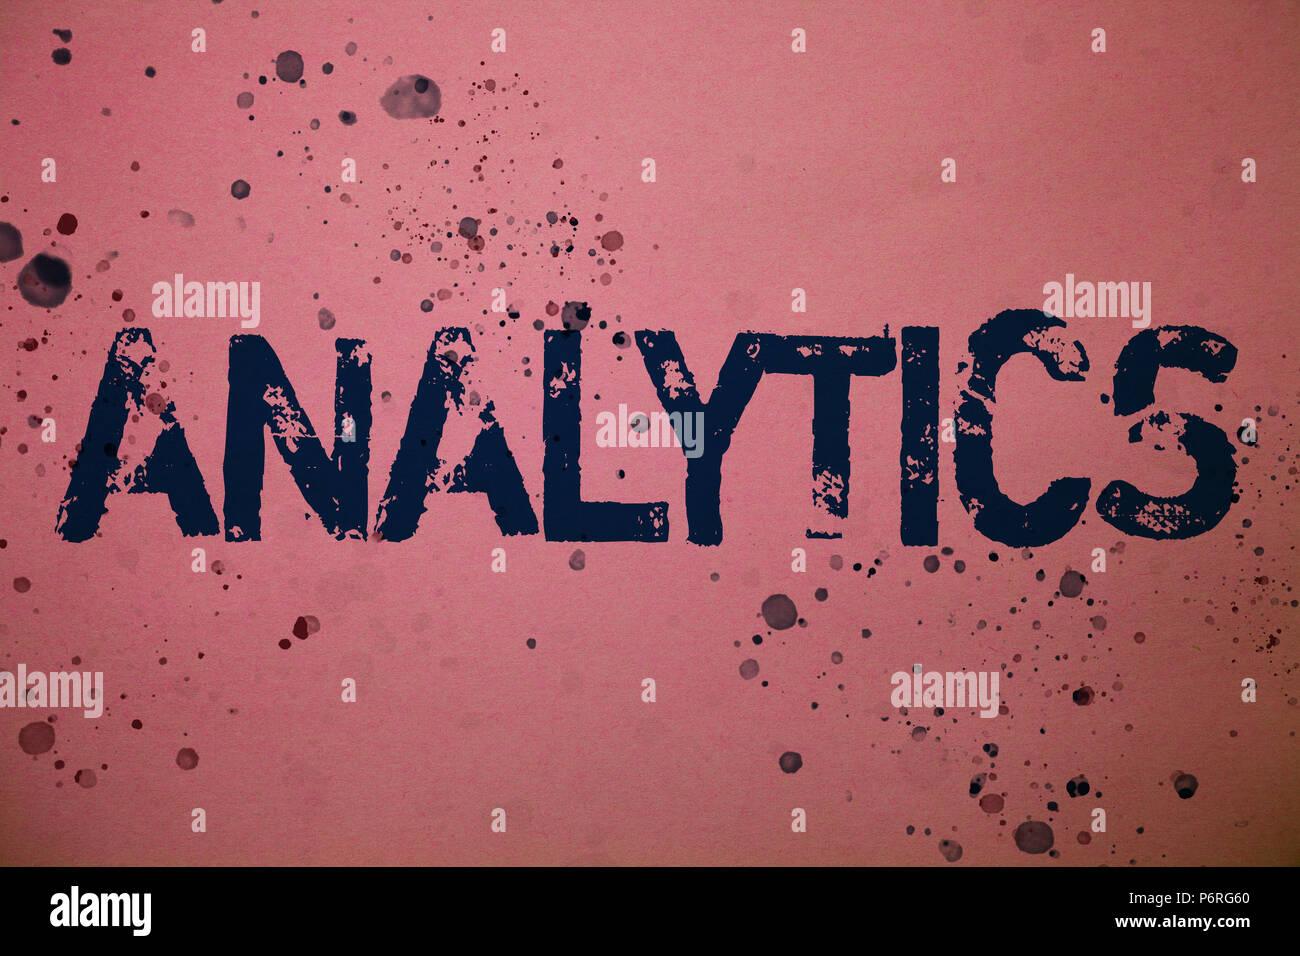 Handschrift Text Analytics. Begriff Sinne Datenanalyse finanzielle Informationen Statistiken Bericht Dashboard Ideen Nachrichten rosa Hintergrund splatters m Stockbild